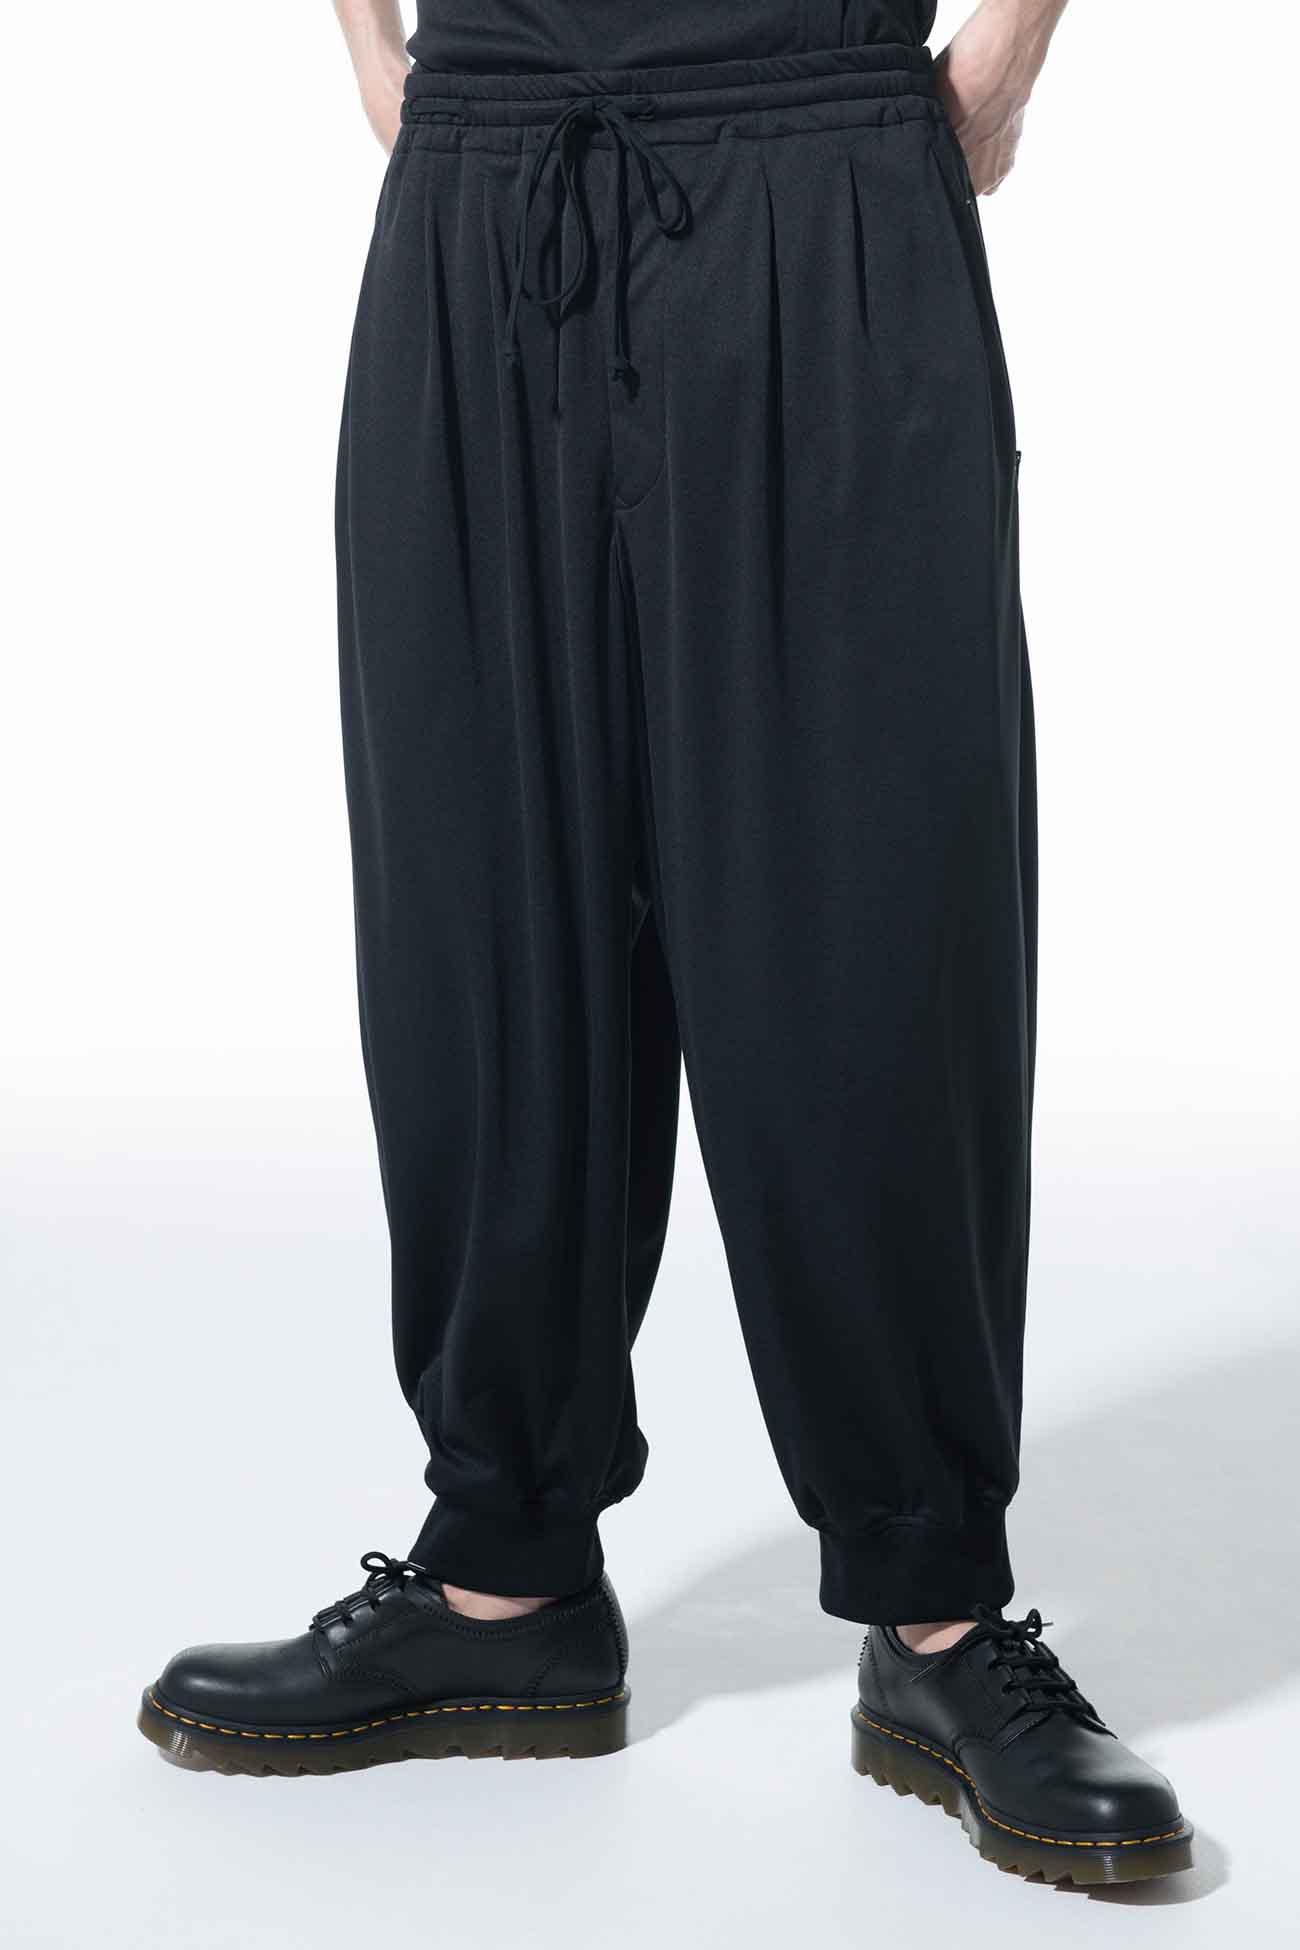 Thin Smooth Jersey Three Tack Rib Pants